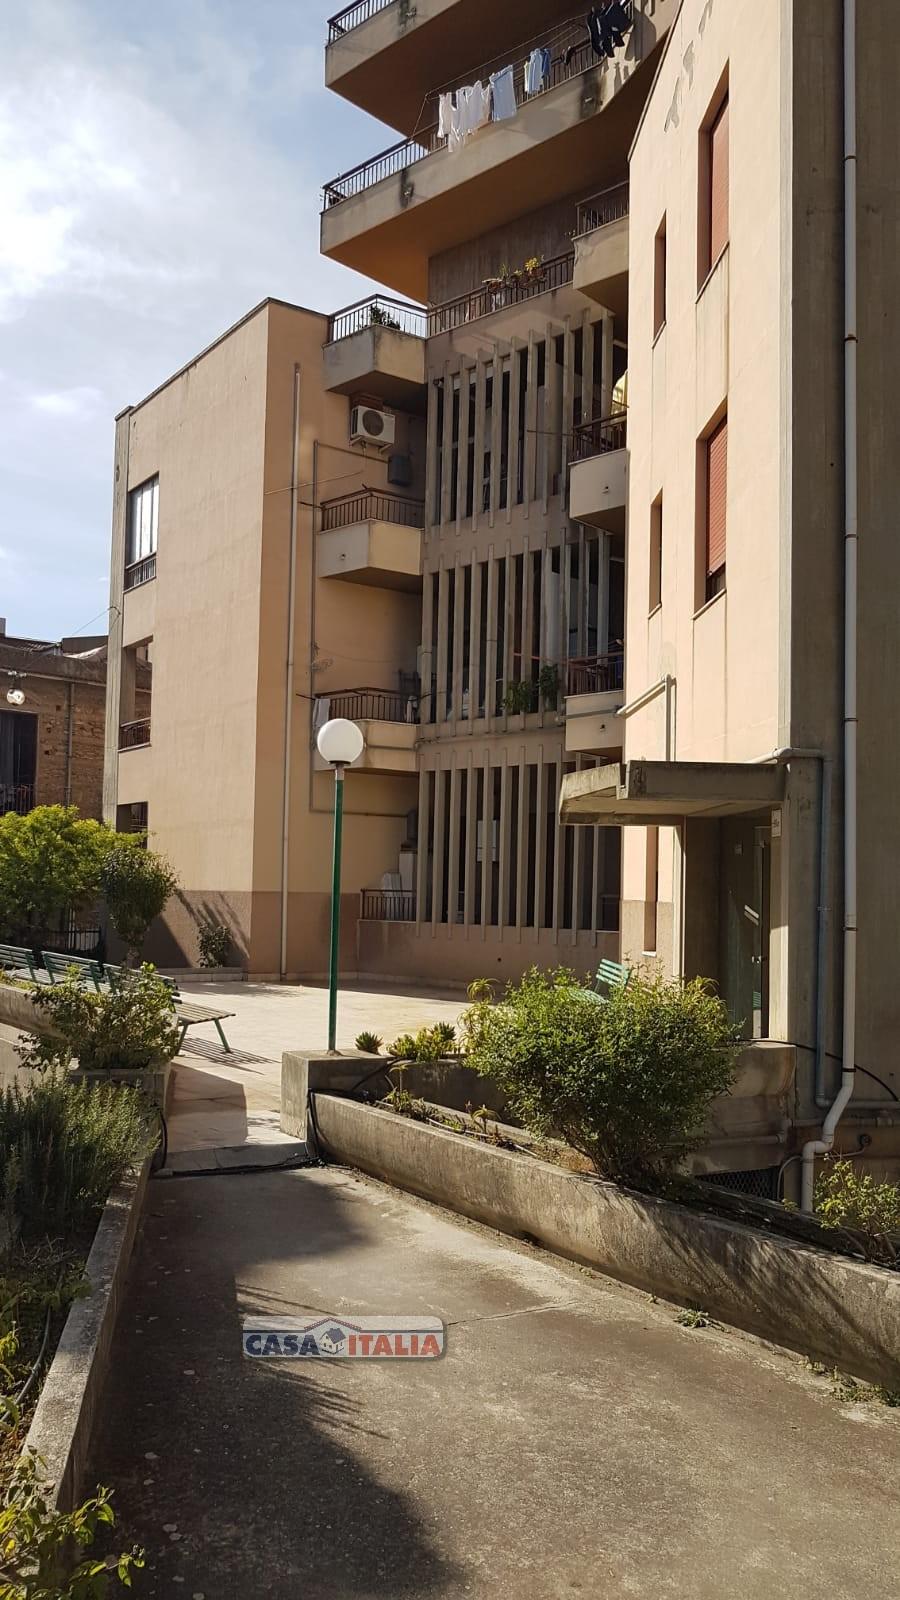 Appartamento in vendita a Barcellona Pozzo di Gotto, 5 locali, prezzo € 105.000 | PortaleAgenzieImmobiliari.it